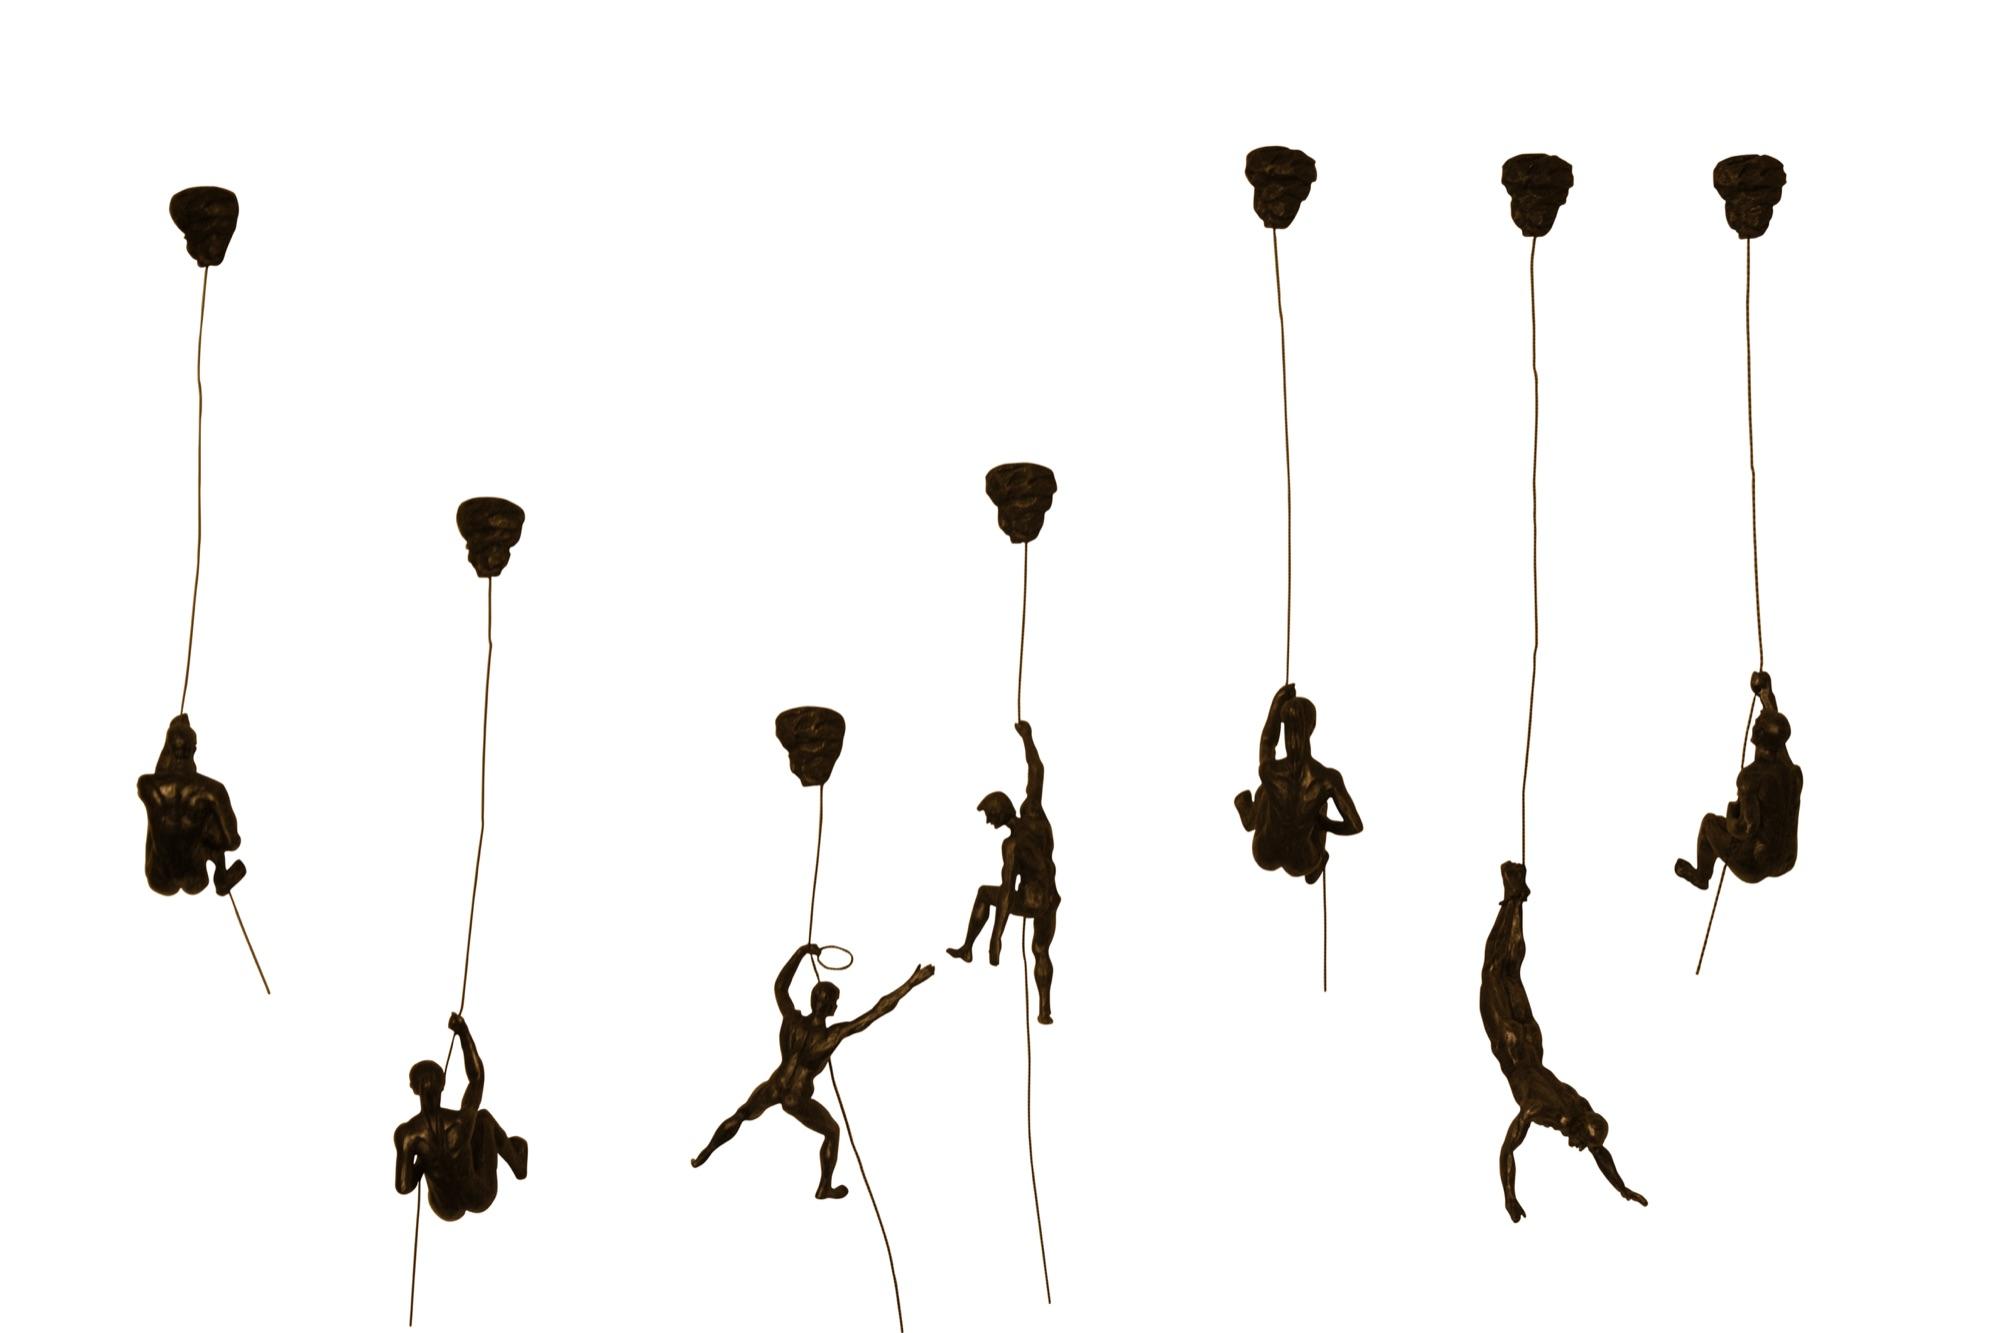 Climbing Men & Women Figurine Sculptures